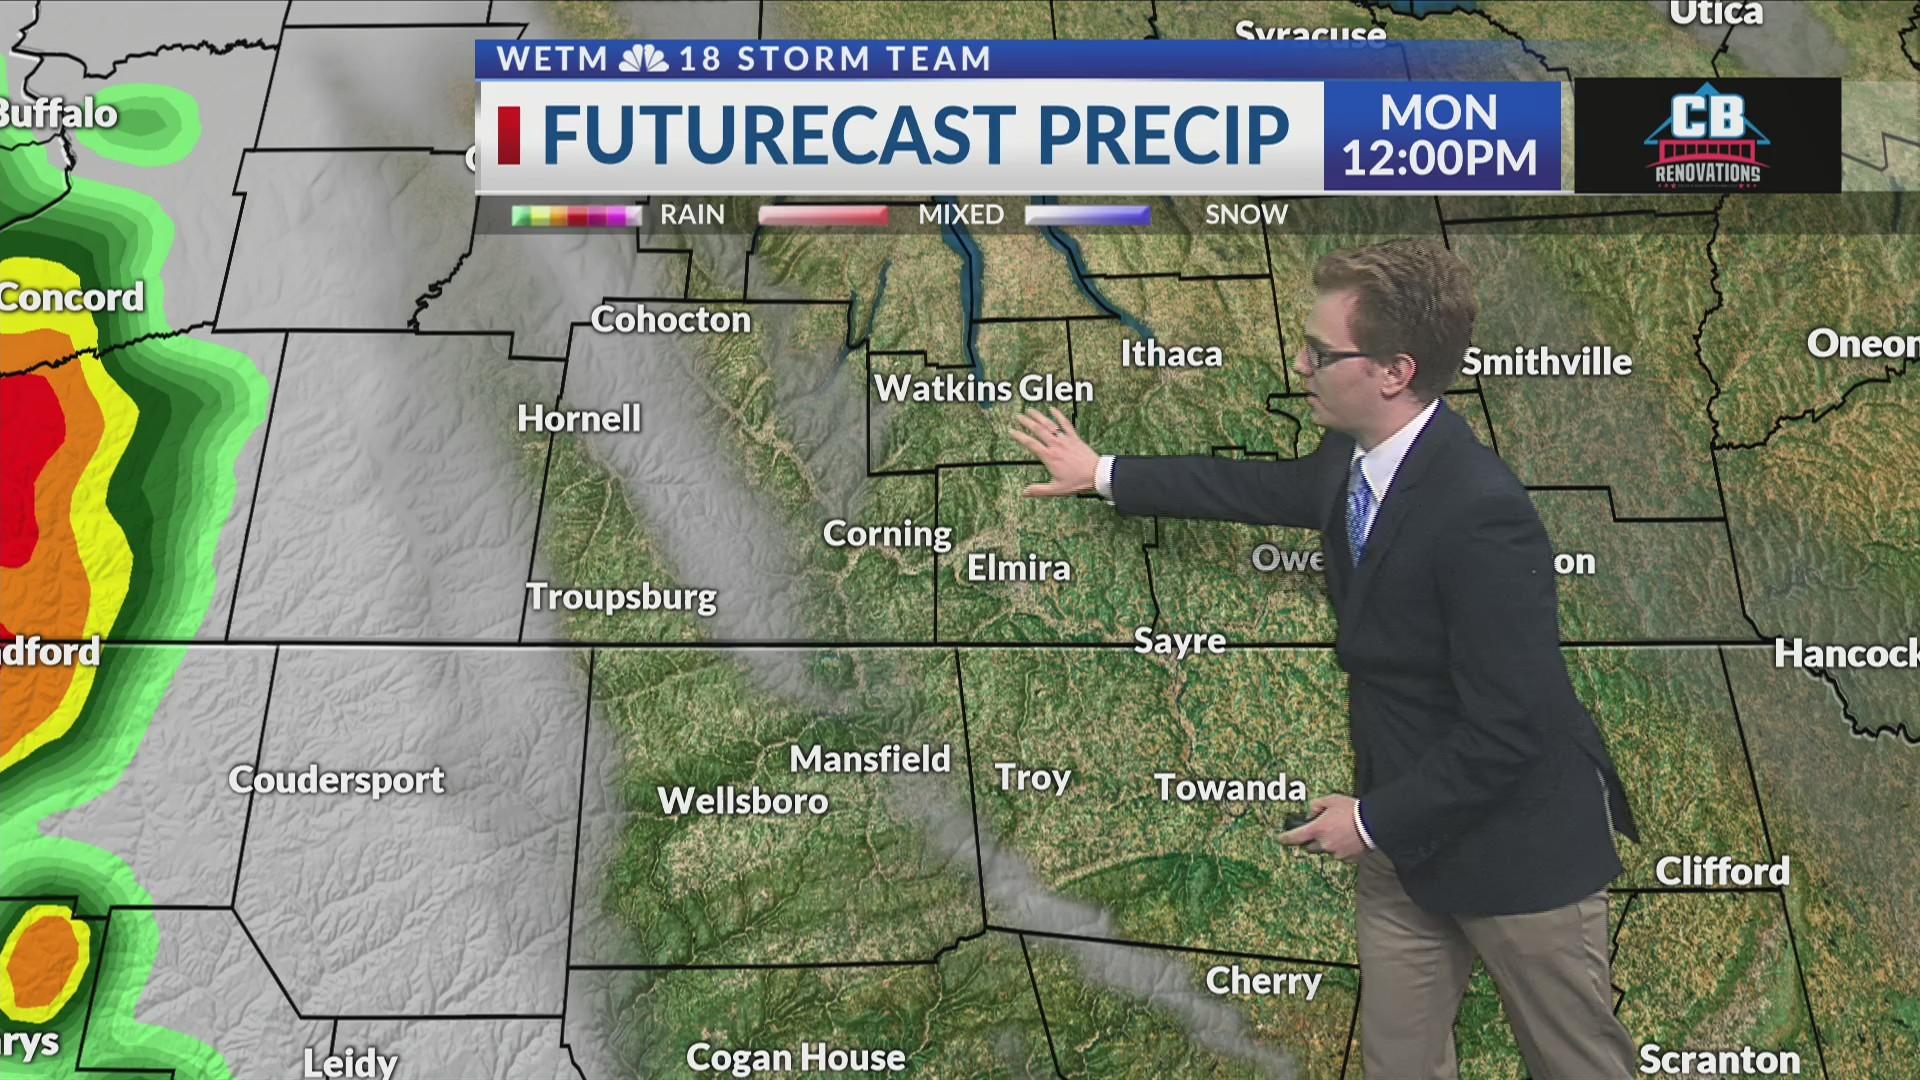 Saturday Evening's Forecast 6/22/19